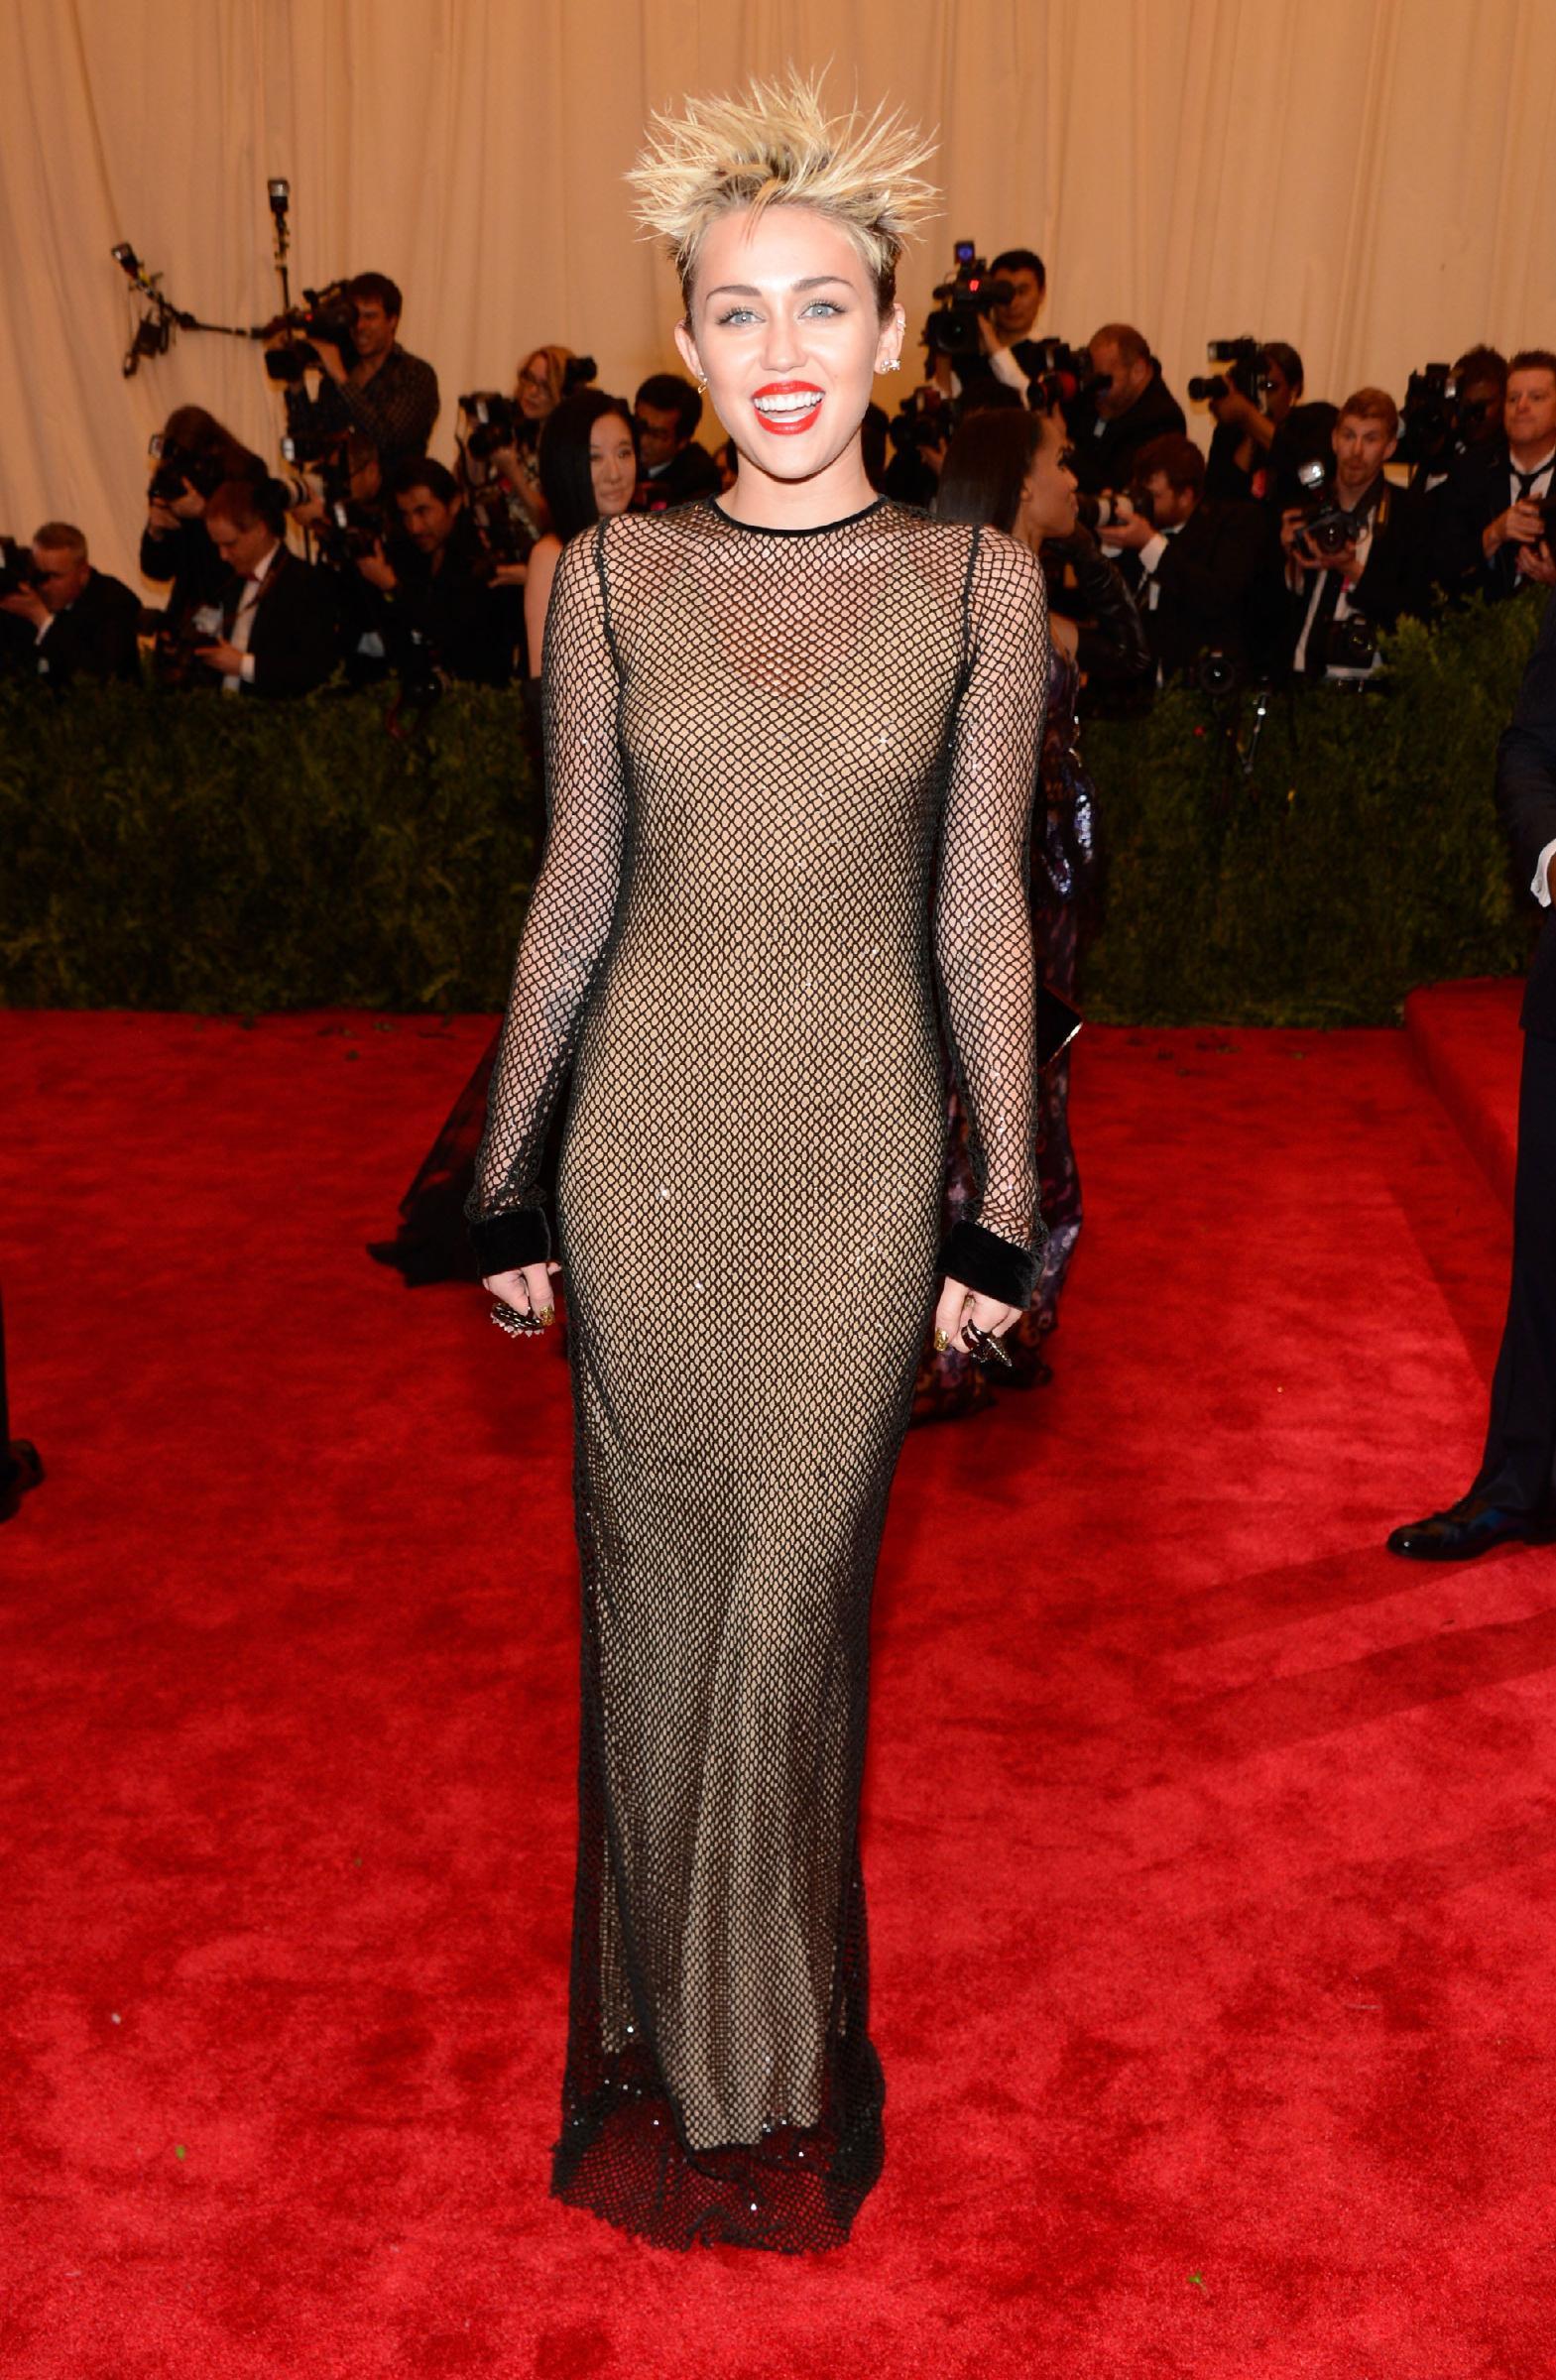 Một Miliey Cyrus không thể cá tính và nổi loạn hơn với mái tóc cắt ngắn và chiếc váy lưới từ Marc Jacobs.